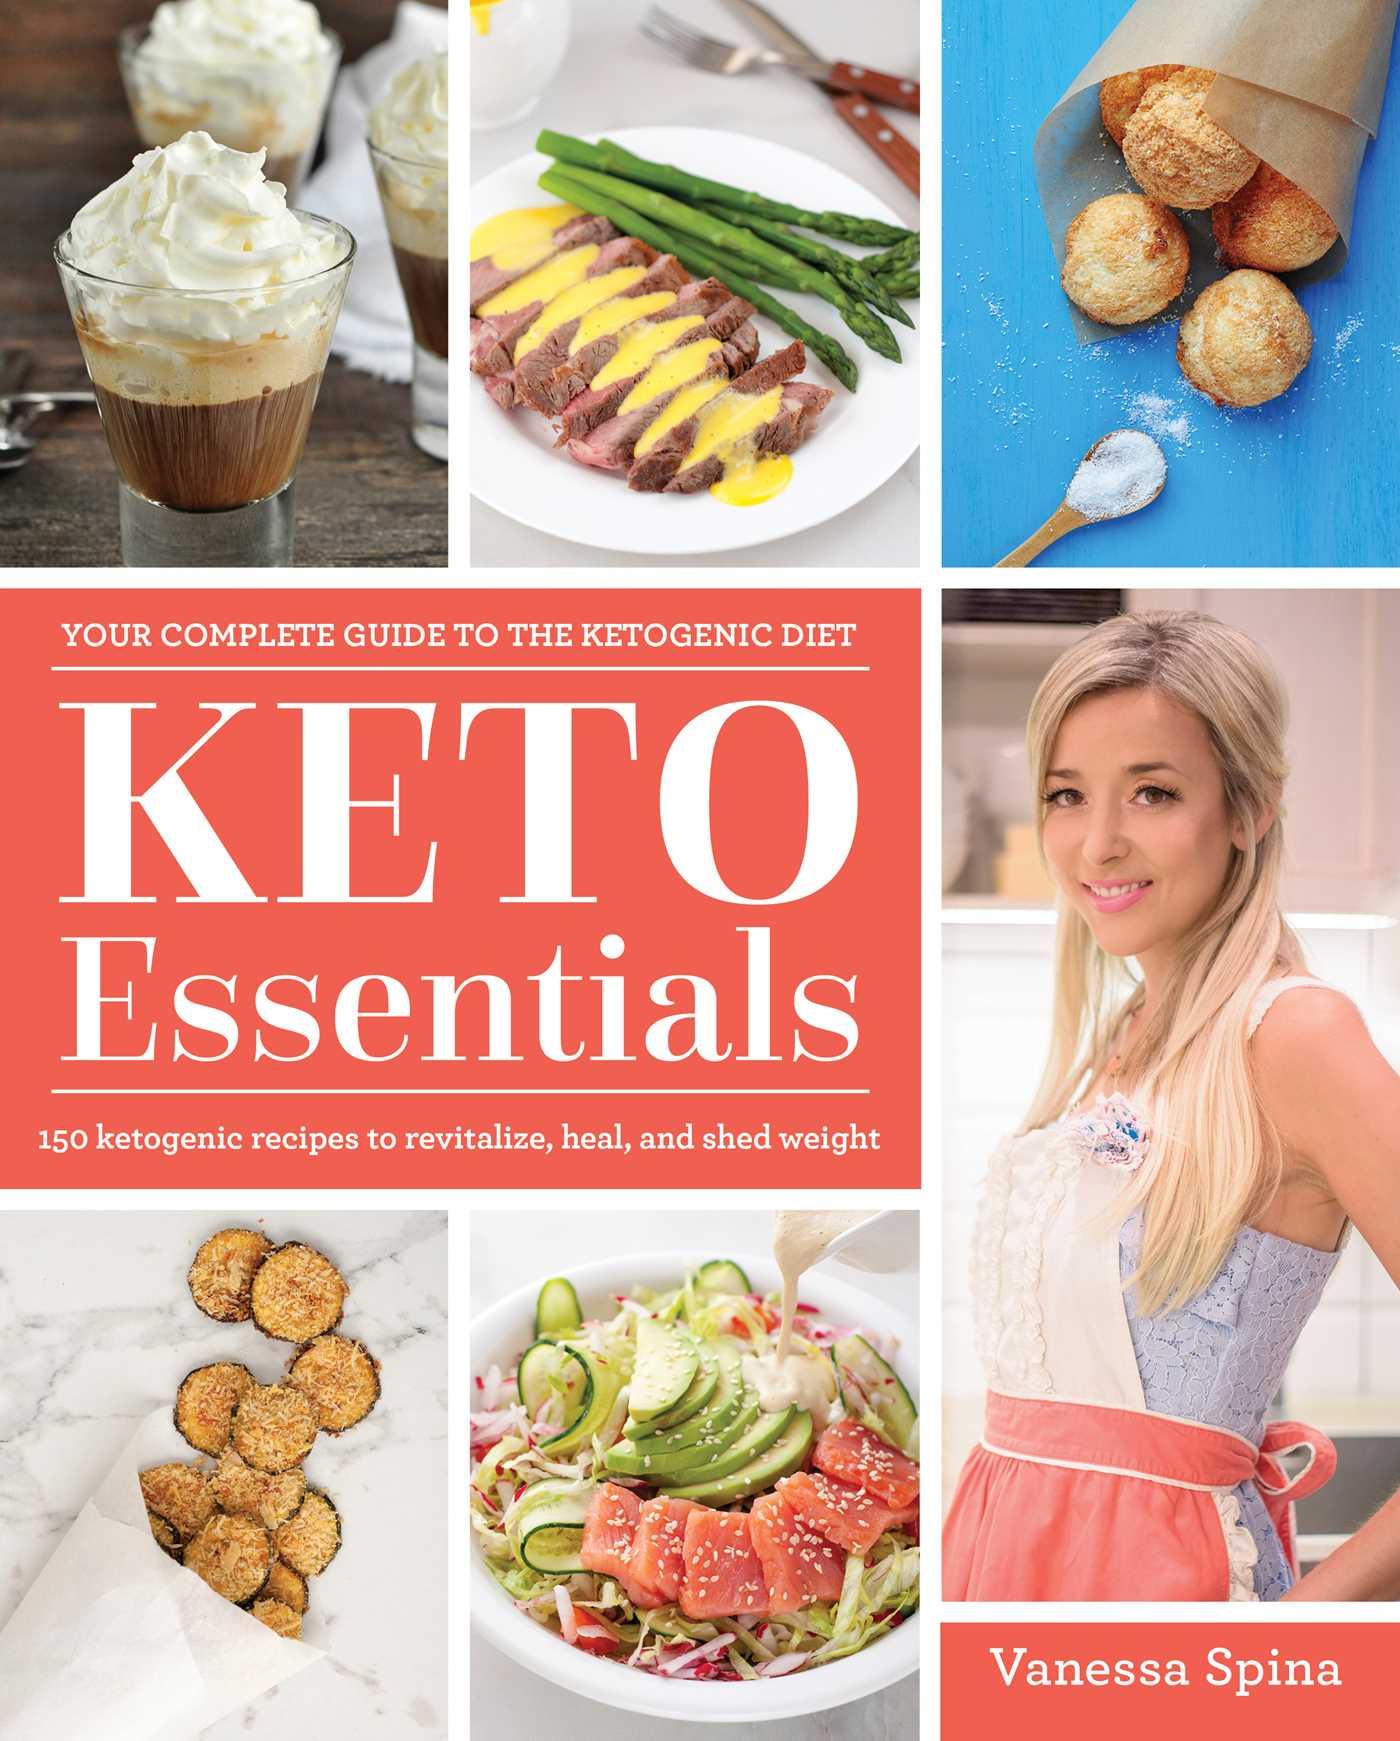 Keto essentials 9781628602647 hr